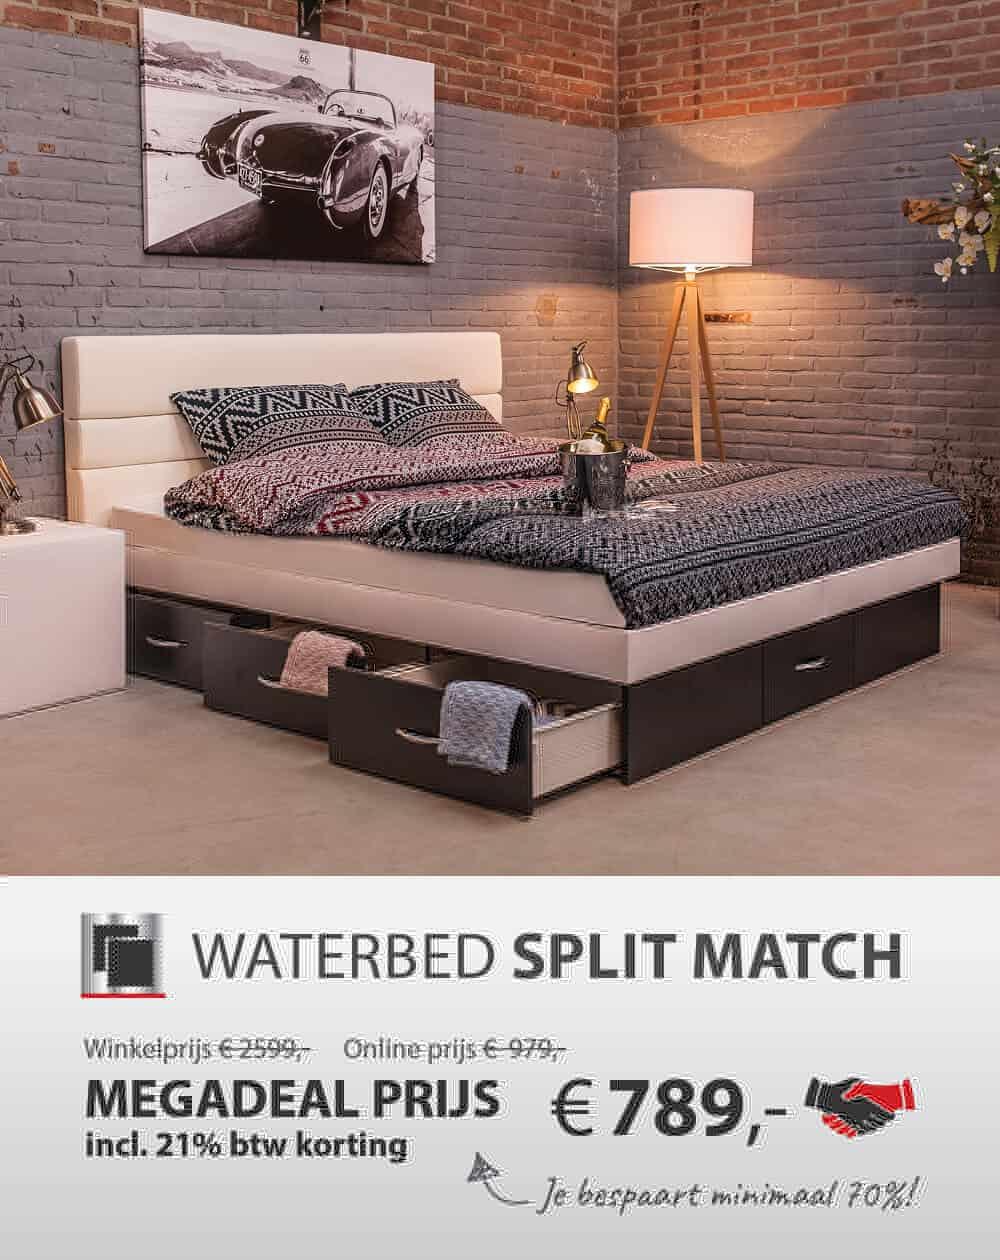 /s/p/splitmatch-nl2.jpg